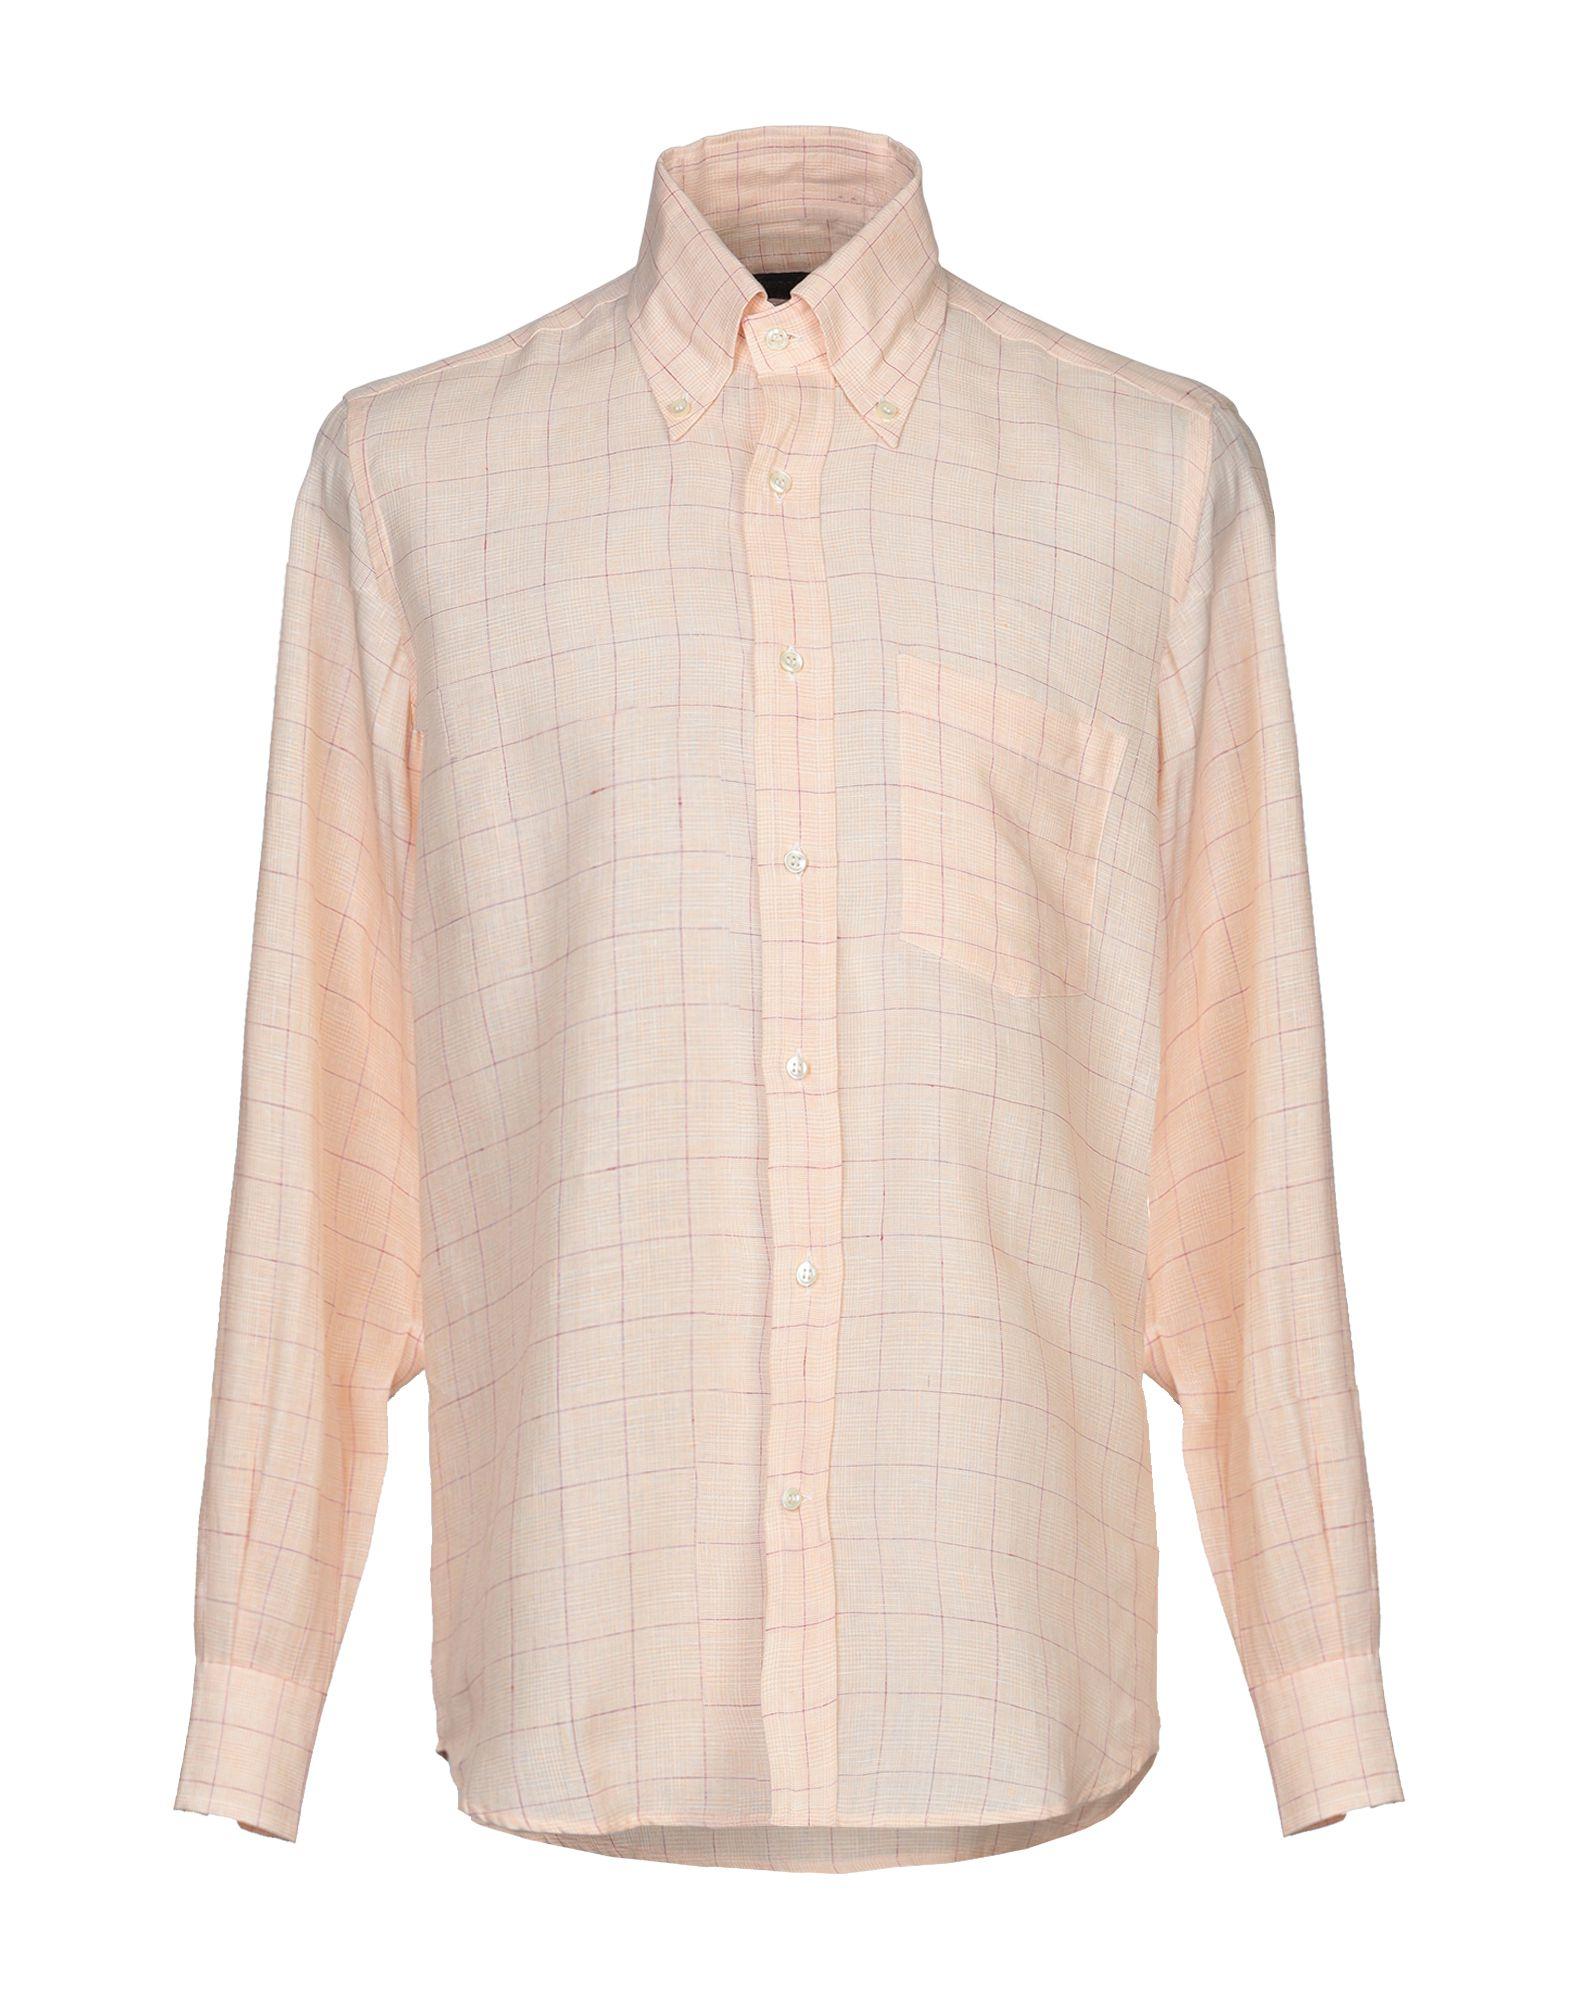 《セール開催中》JOHNN W. & EMERSON? メンズ シャツ あんず色 39 麻 100%